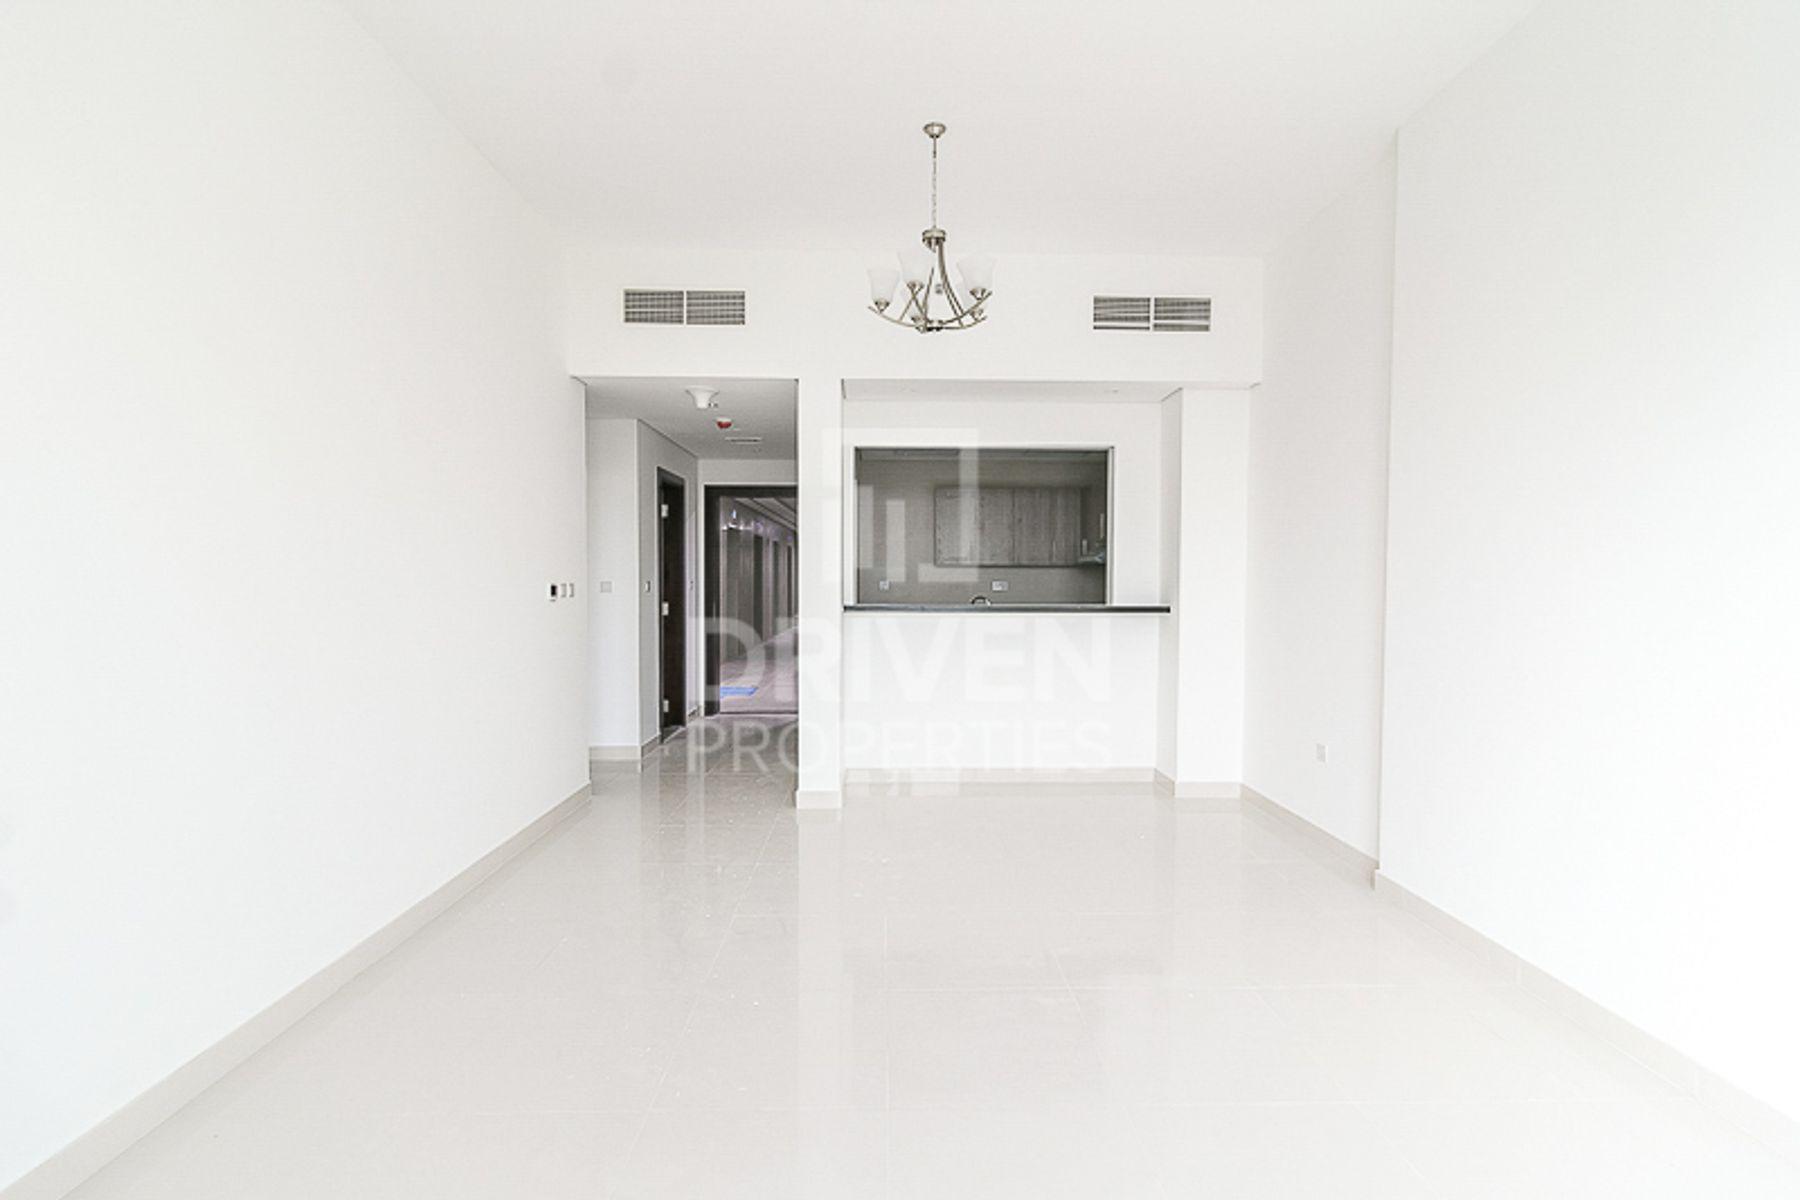 660 قدم مربع  شقة - للايجار - الجداف